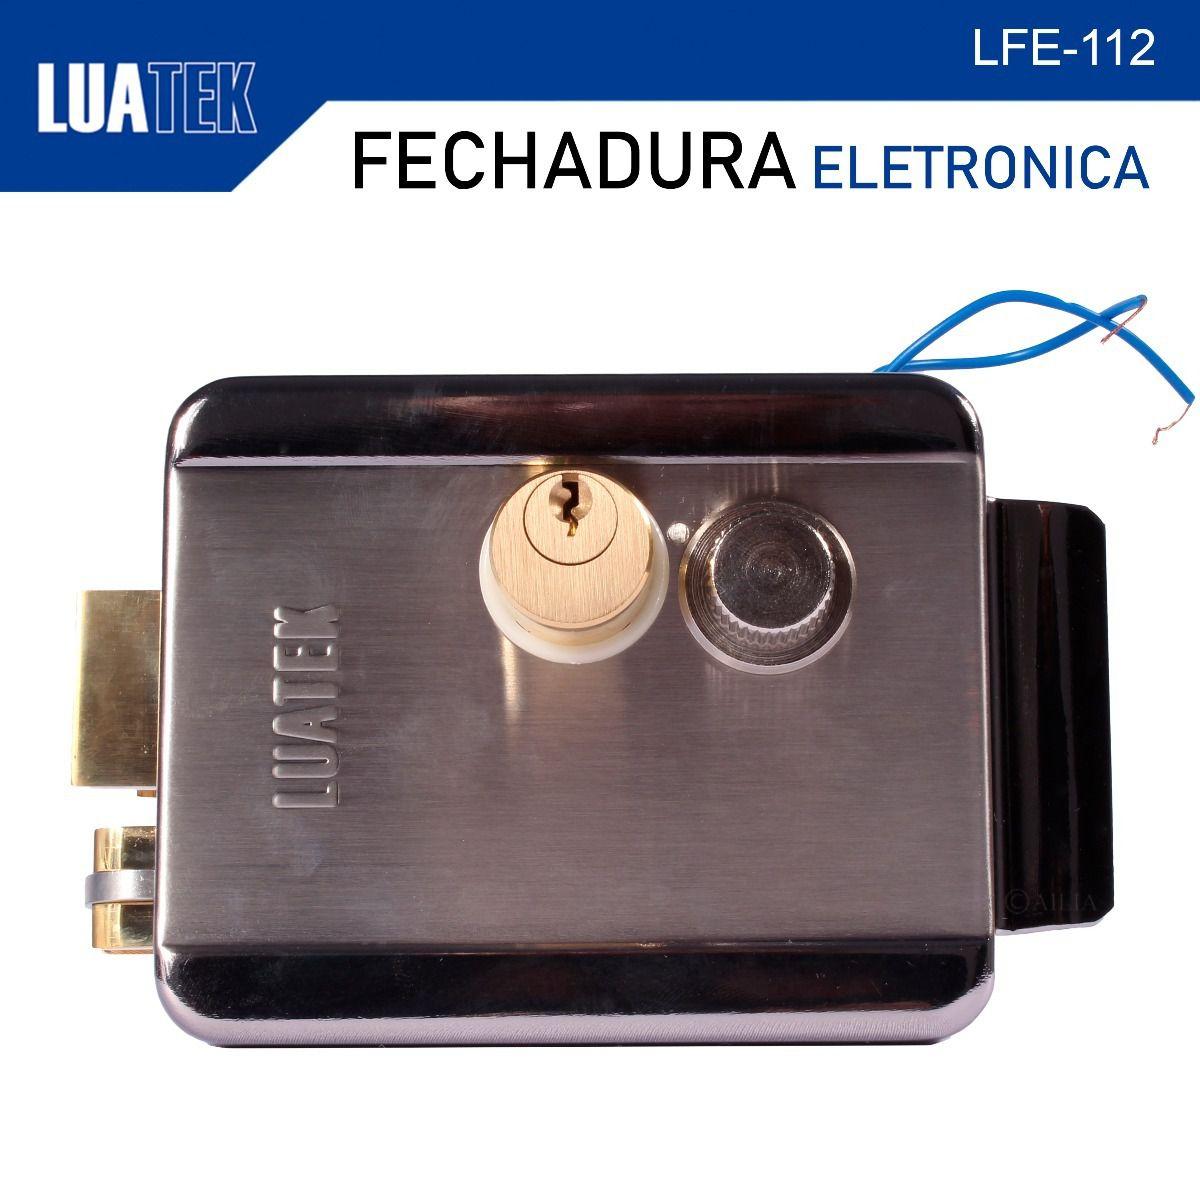 Trava Elétrica Fechadura Portão Eletrônico LFE-112 Luatek  - Wtech vendas e Assistência técnica